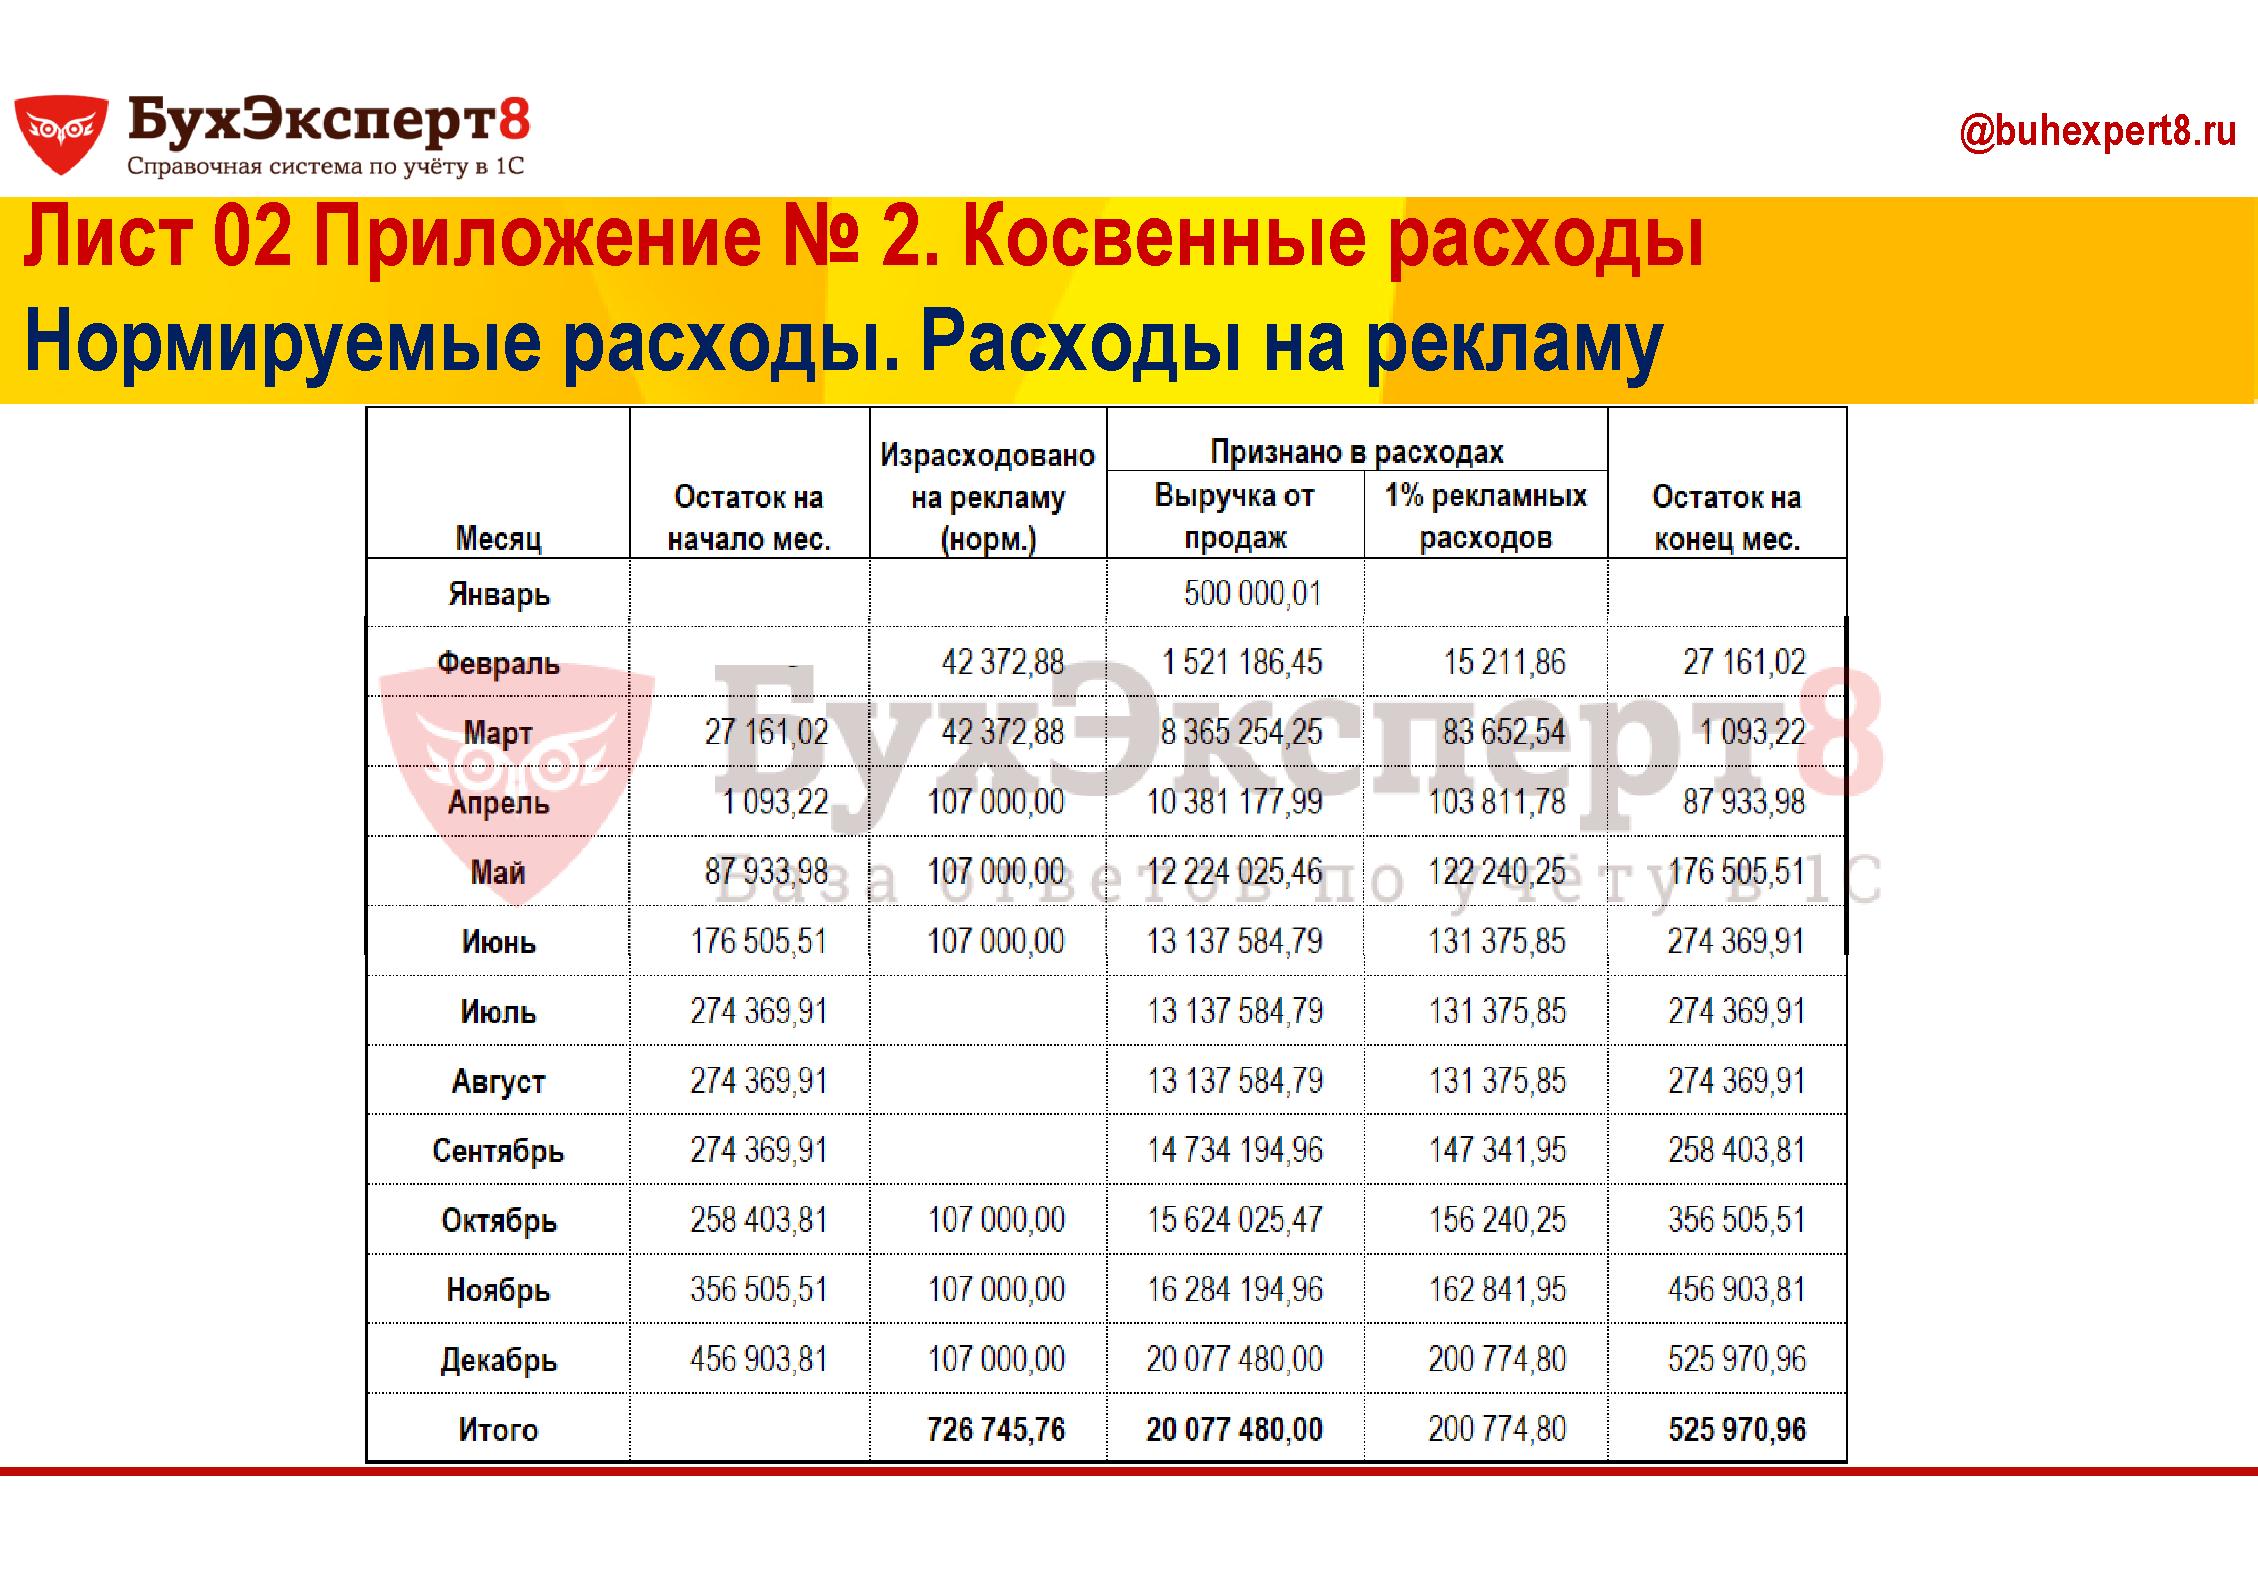 Лист 02 Приложение № 2. Косвенные расходы Нормируемые расходы. Расходы на рекламу